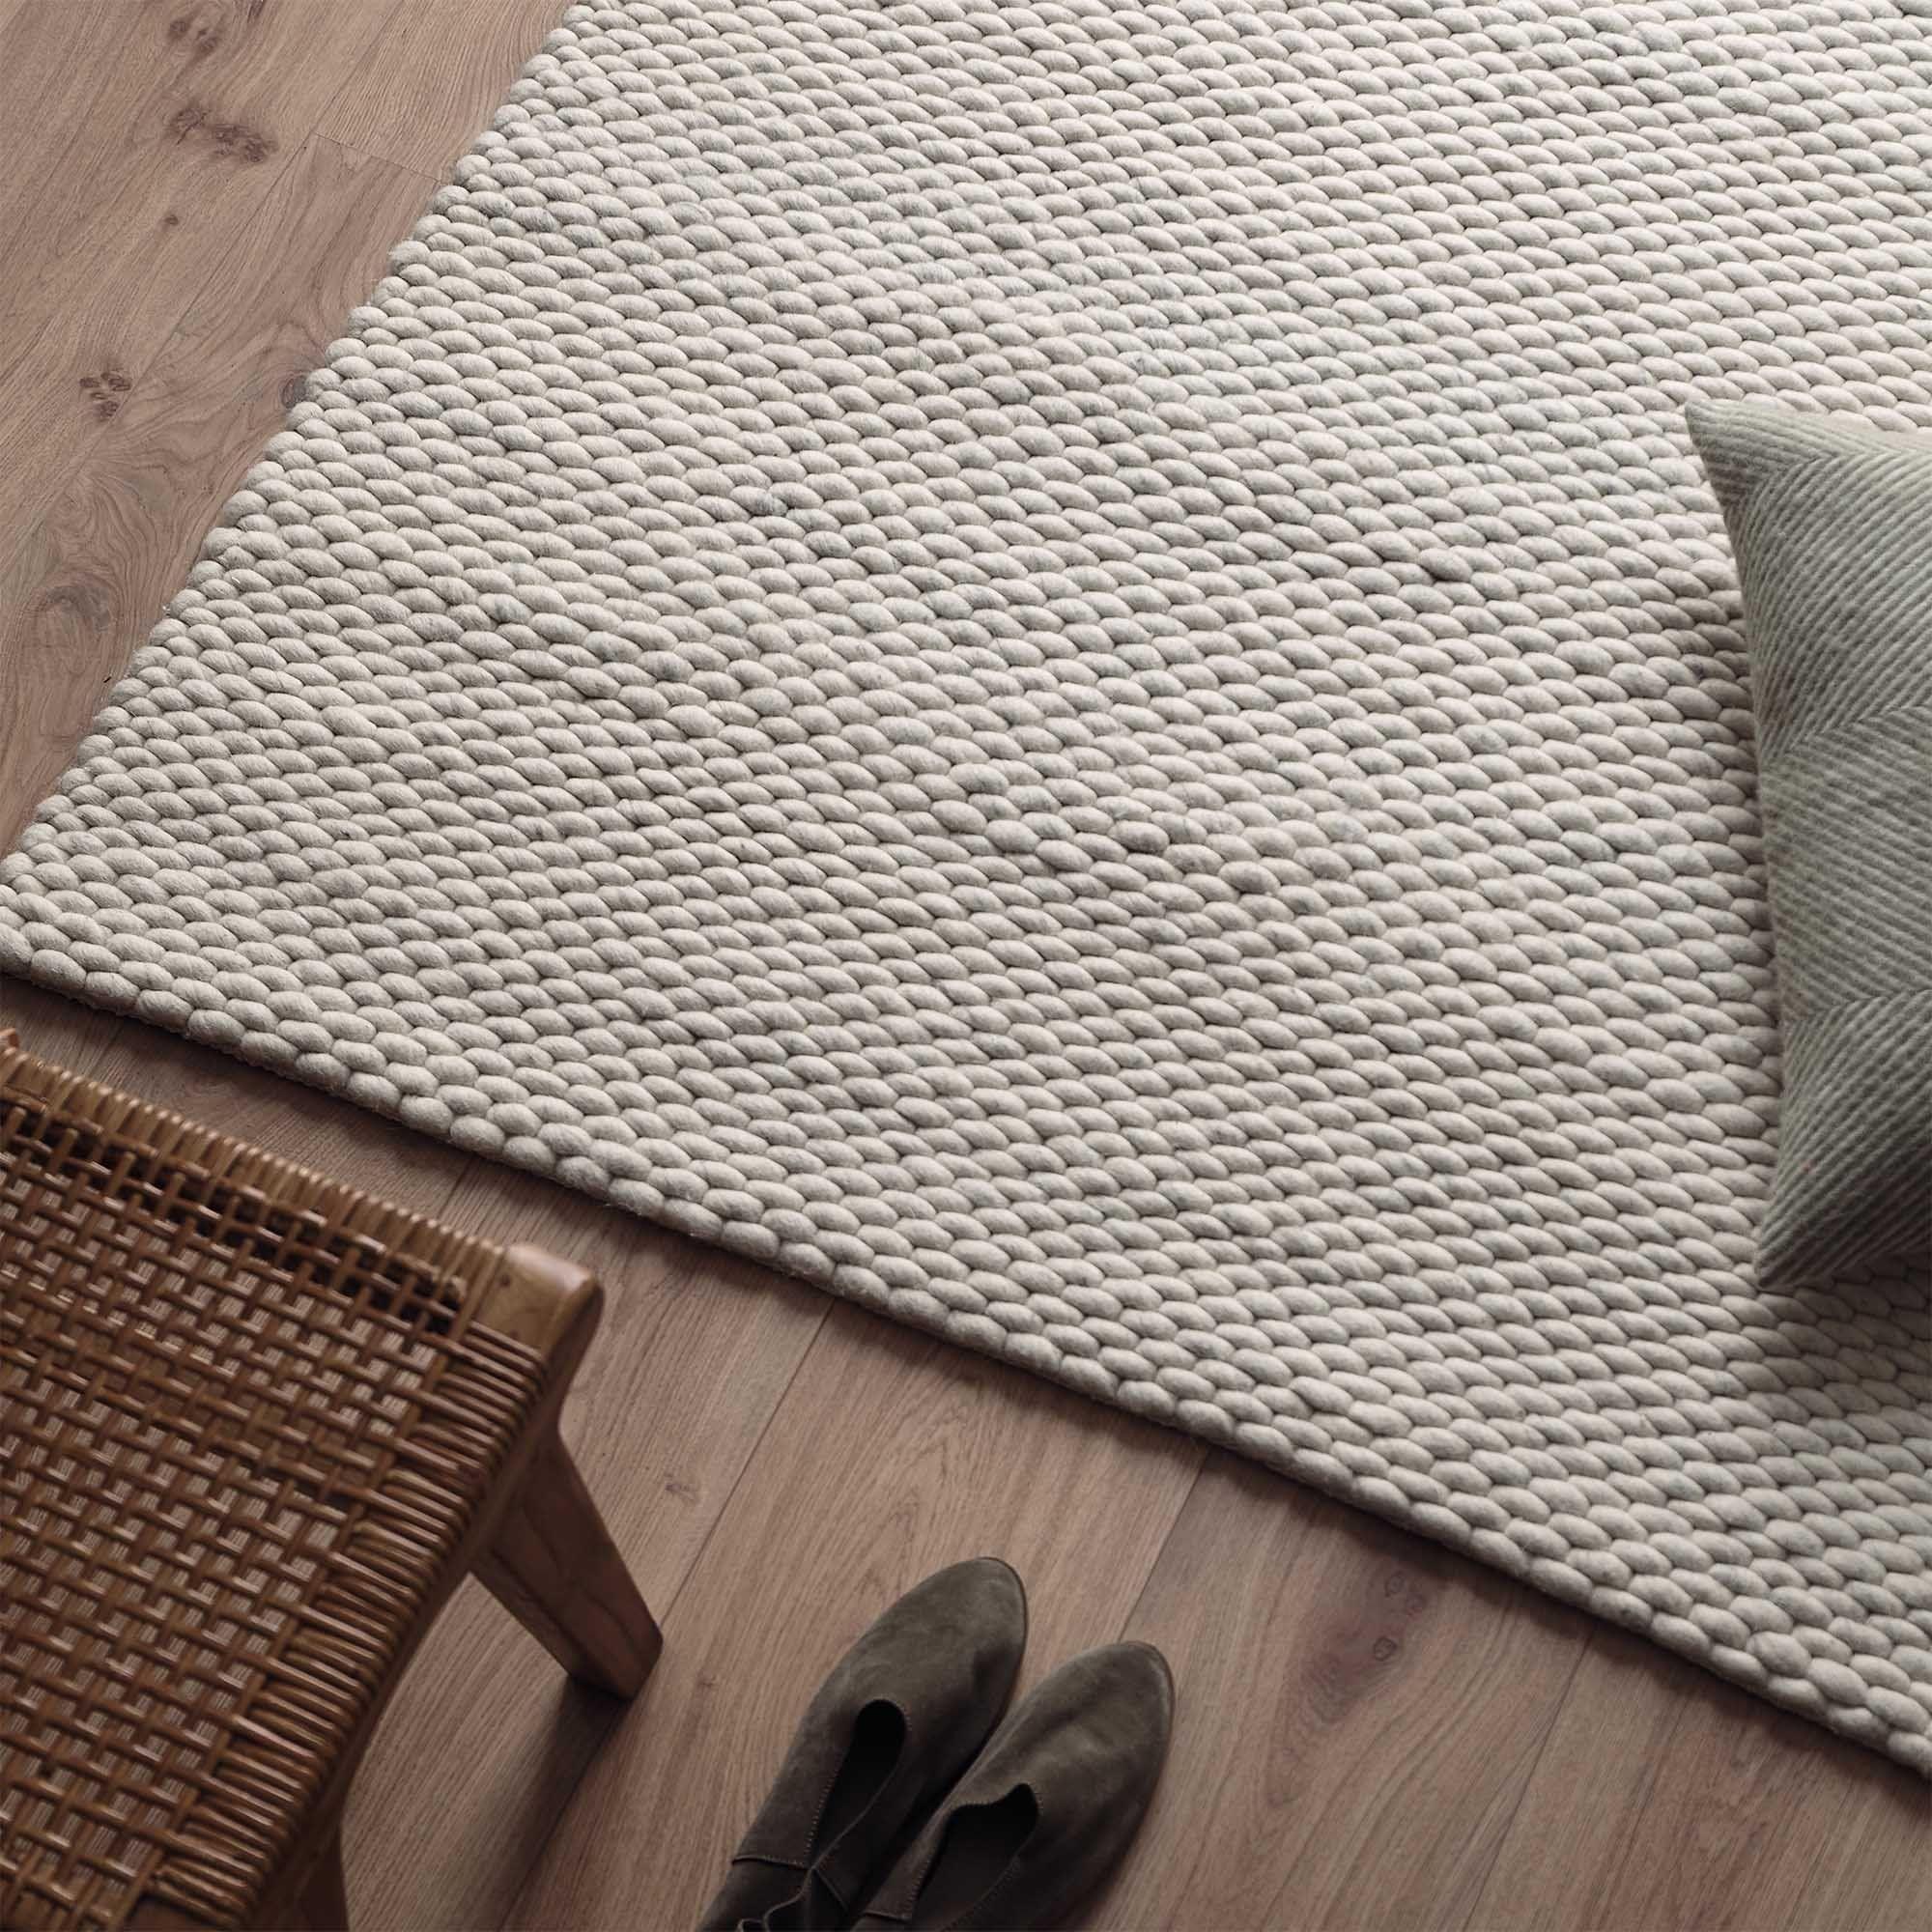 Bild von Kalu Teppich [Grau-Melange]- 140 x 200 cm [hidden]